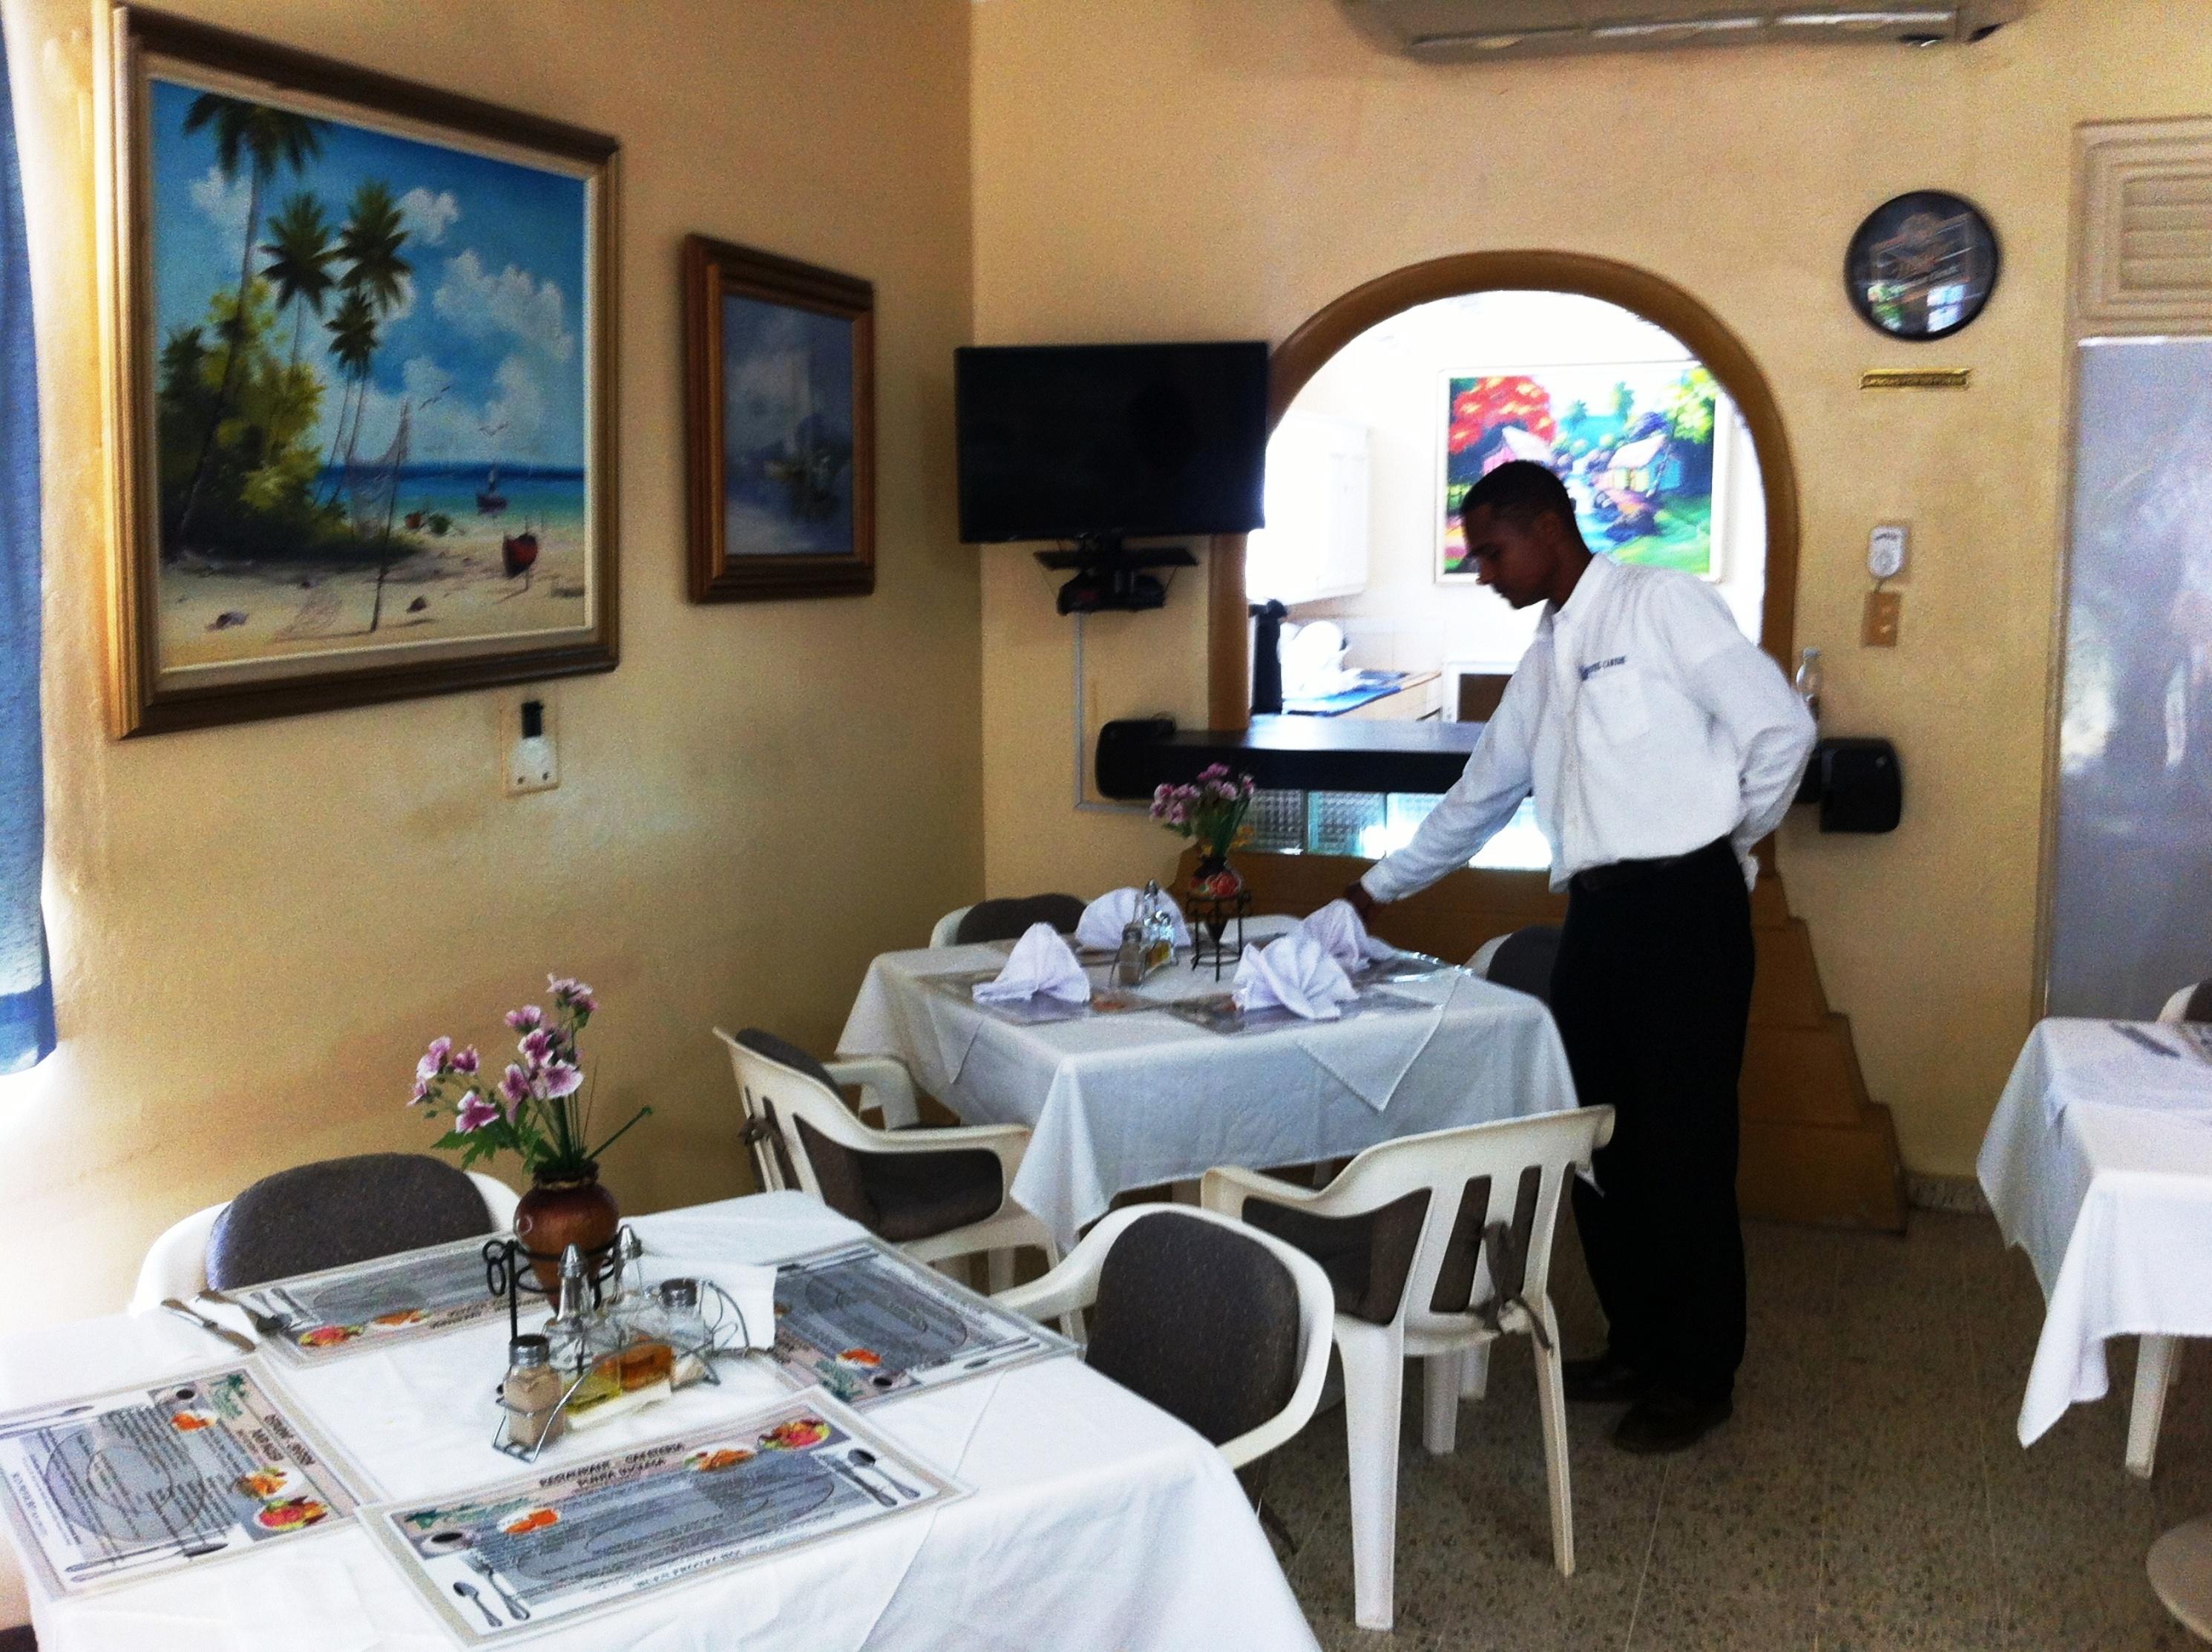 Servicio Personalizado (camarero)